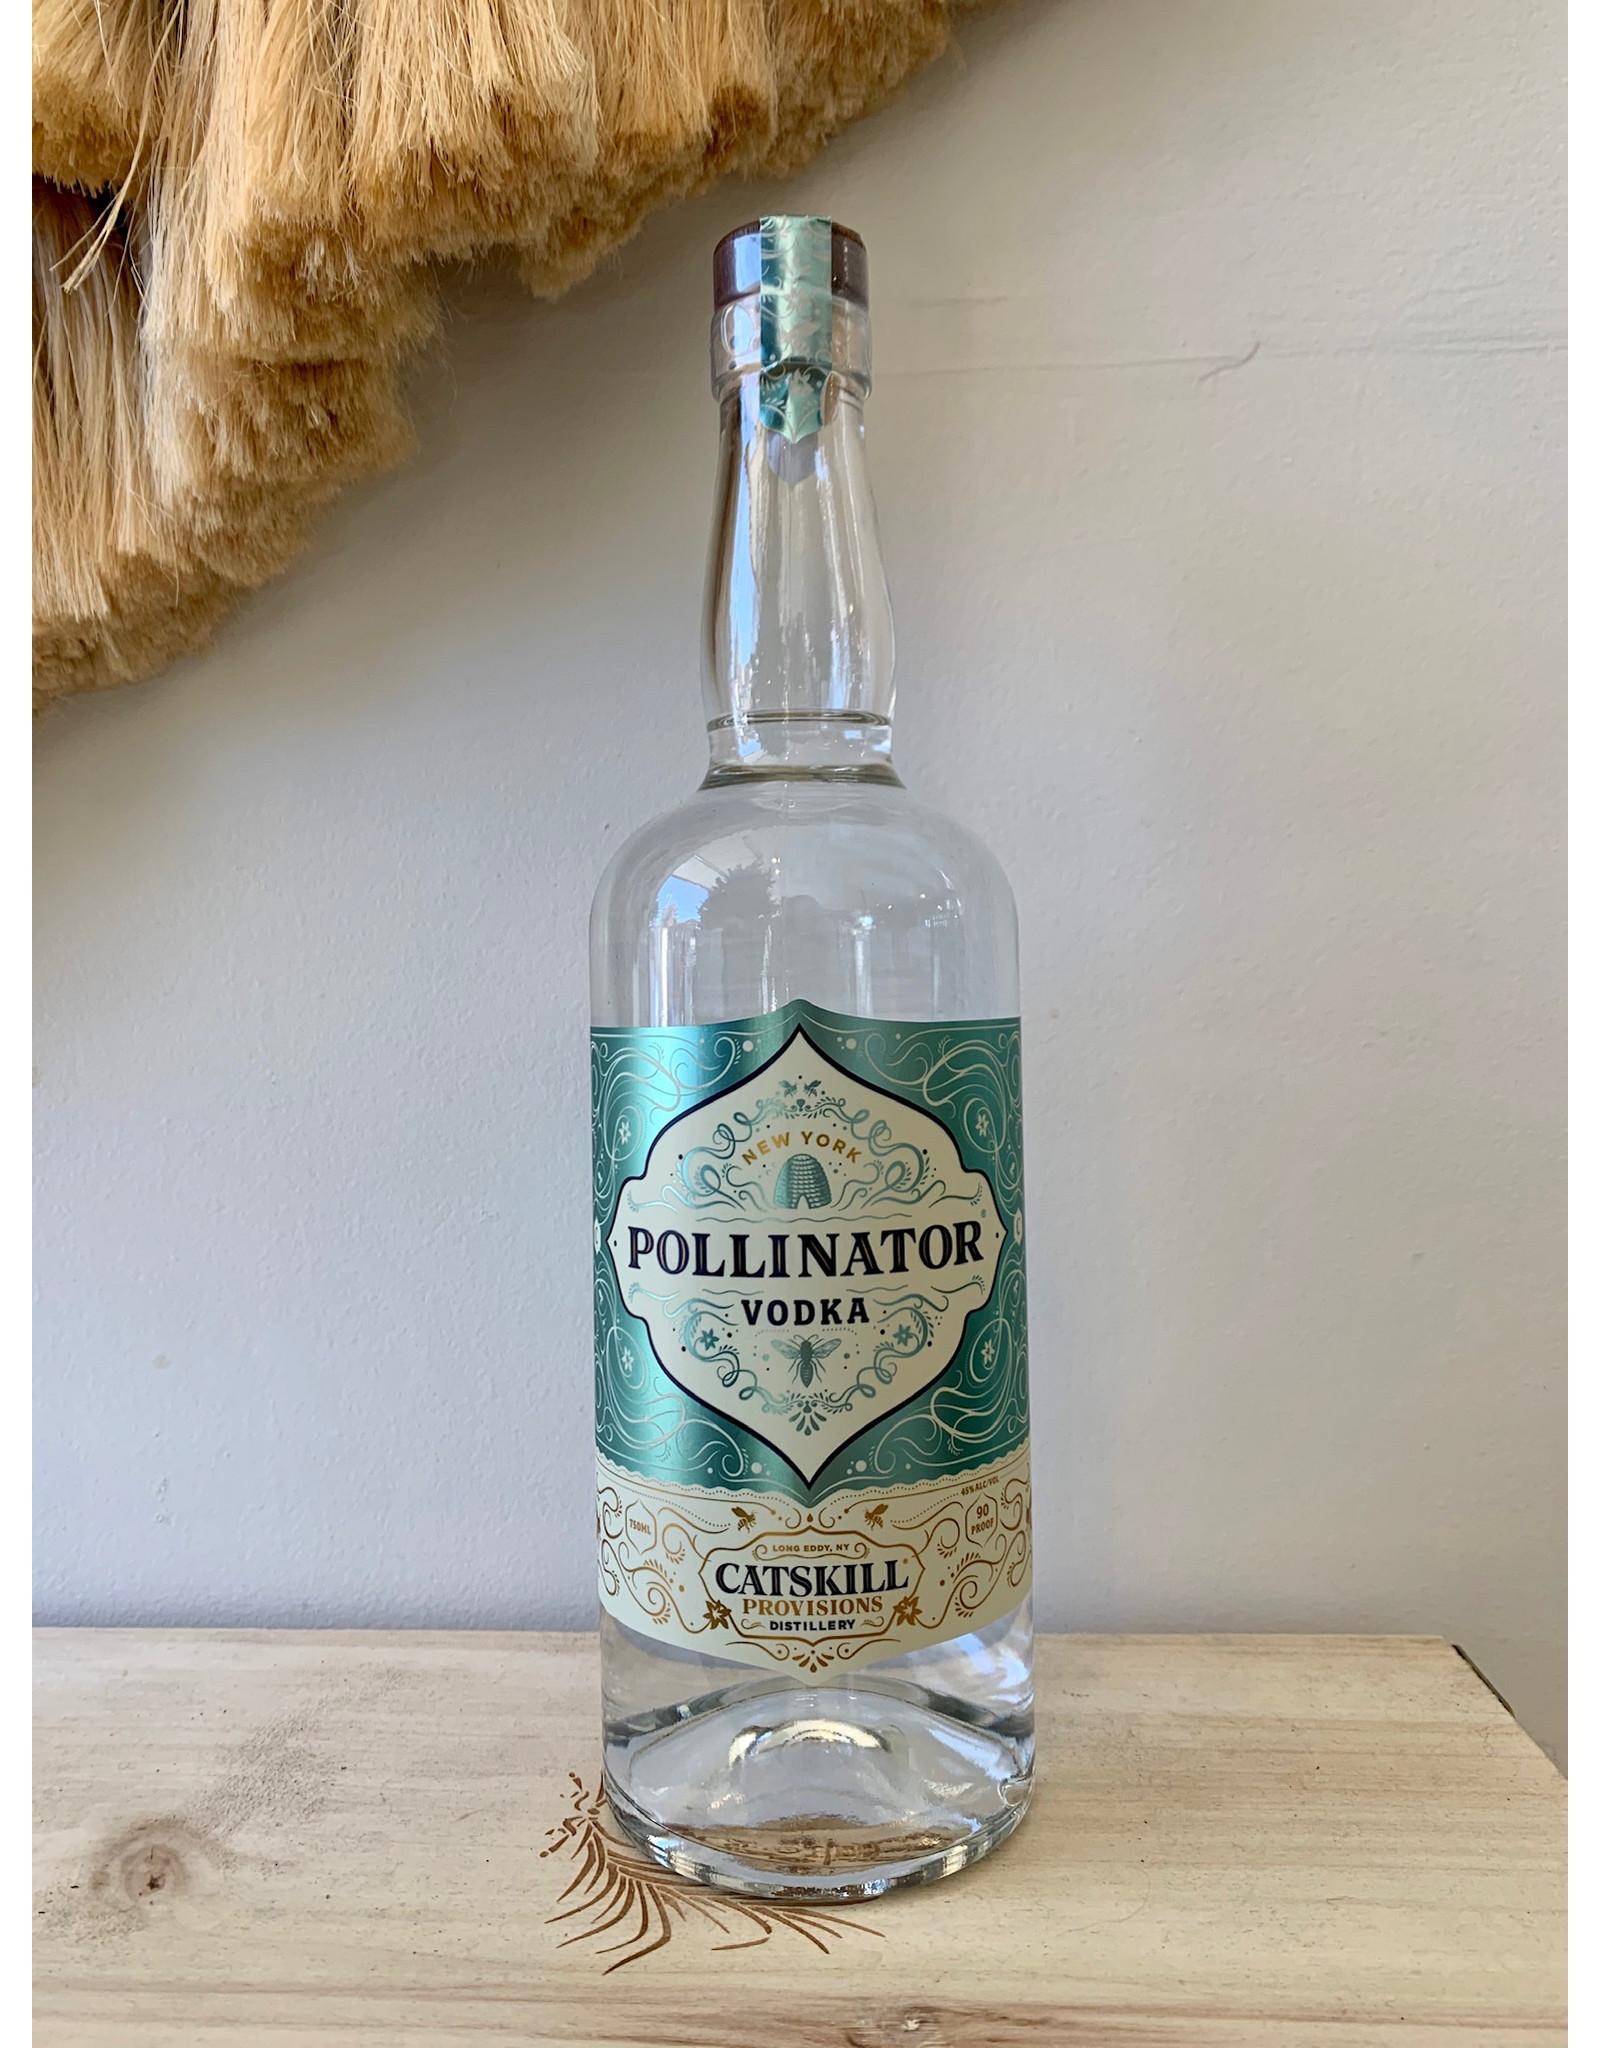 Catskill Provisions The Pollinator Vodka